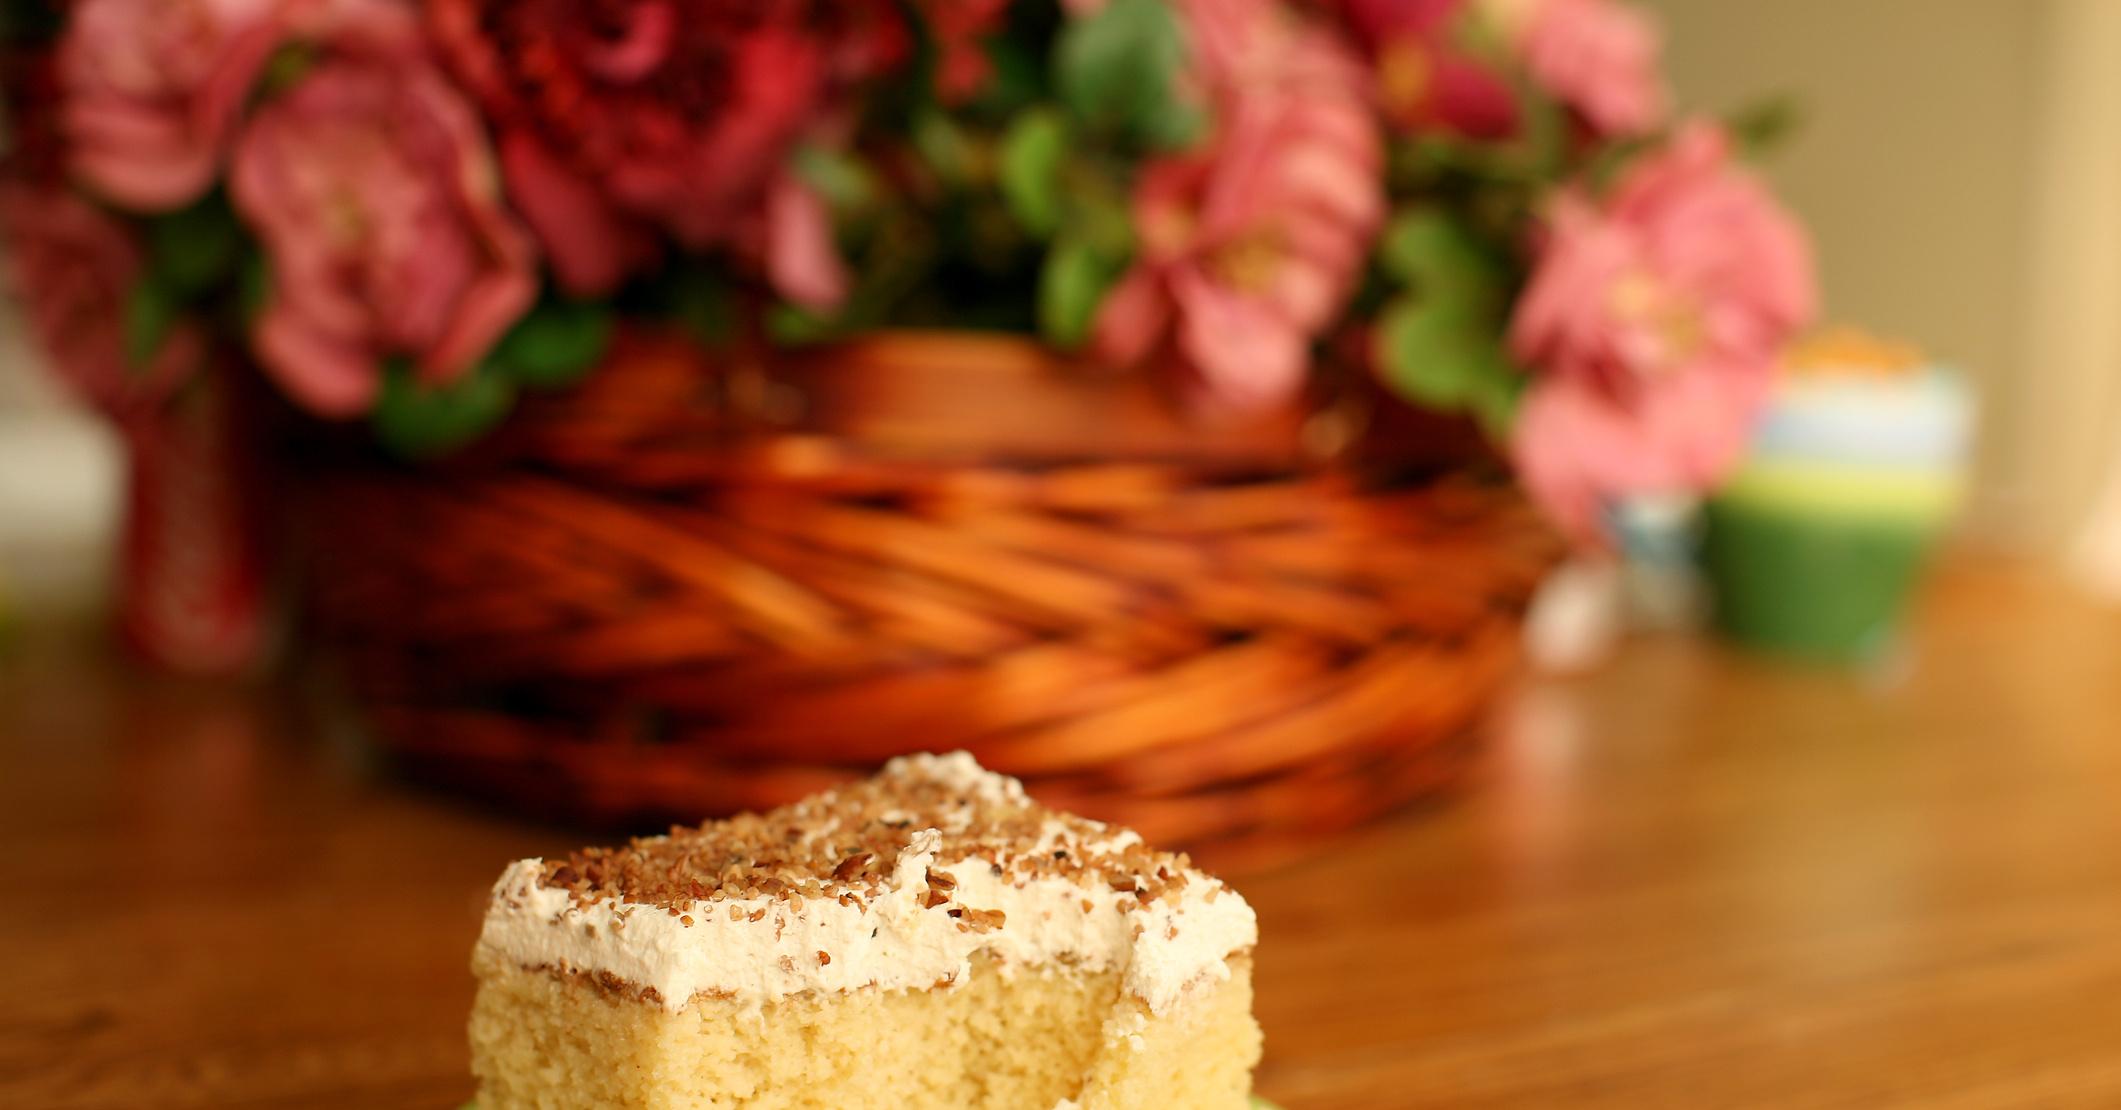 Торт Три молока - Рецепт с пошаговыми фотографиями - Ням. ру